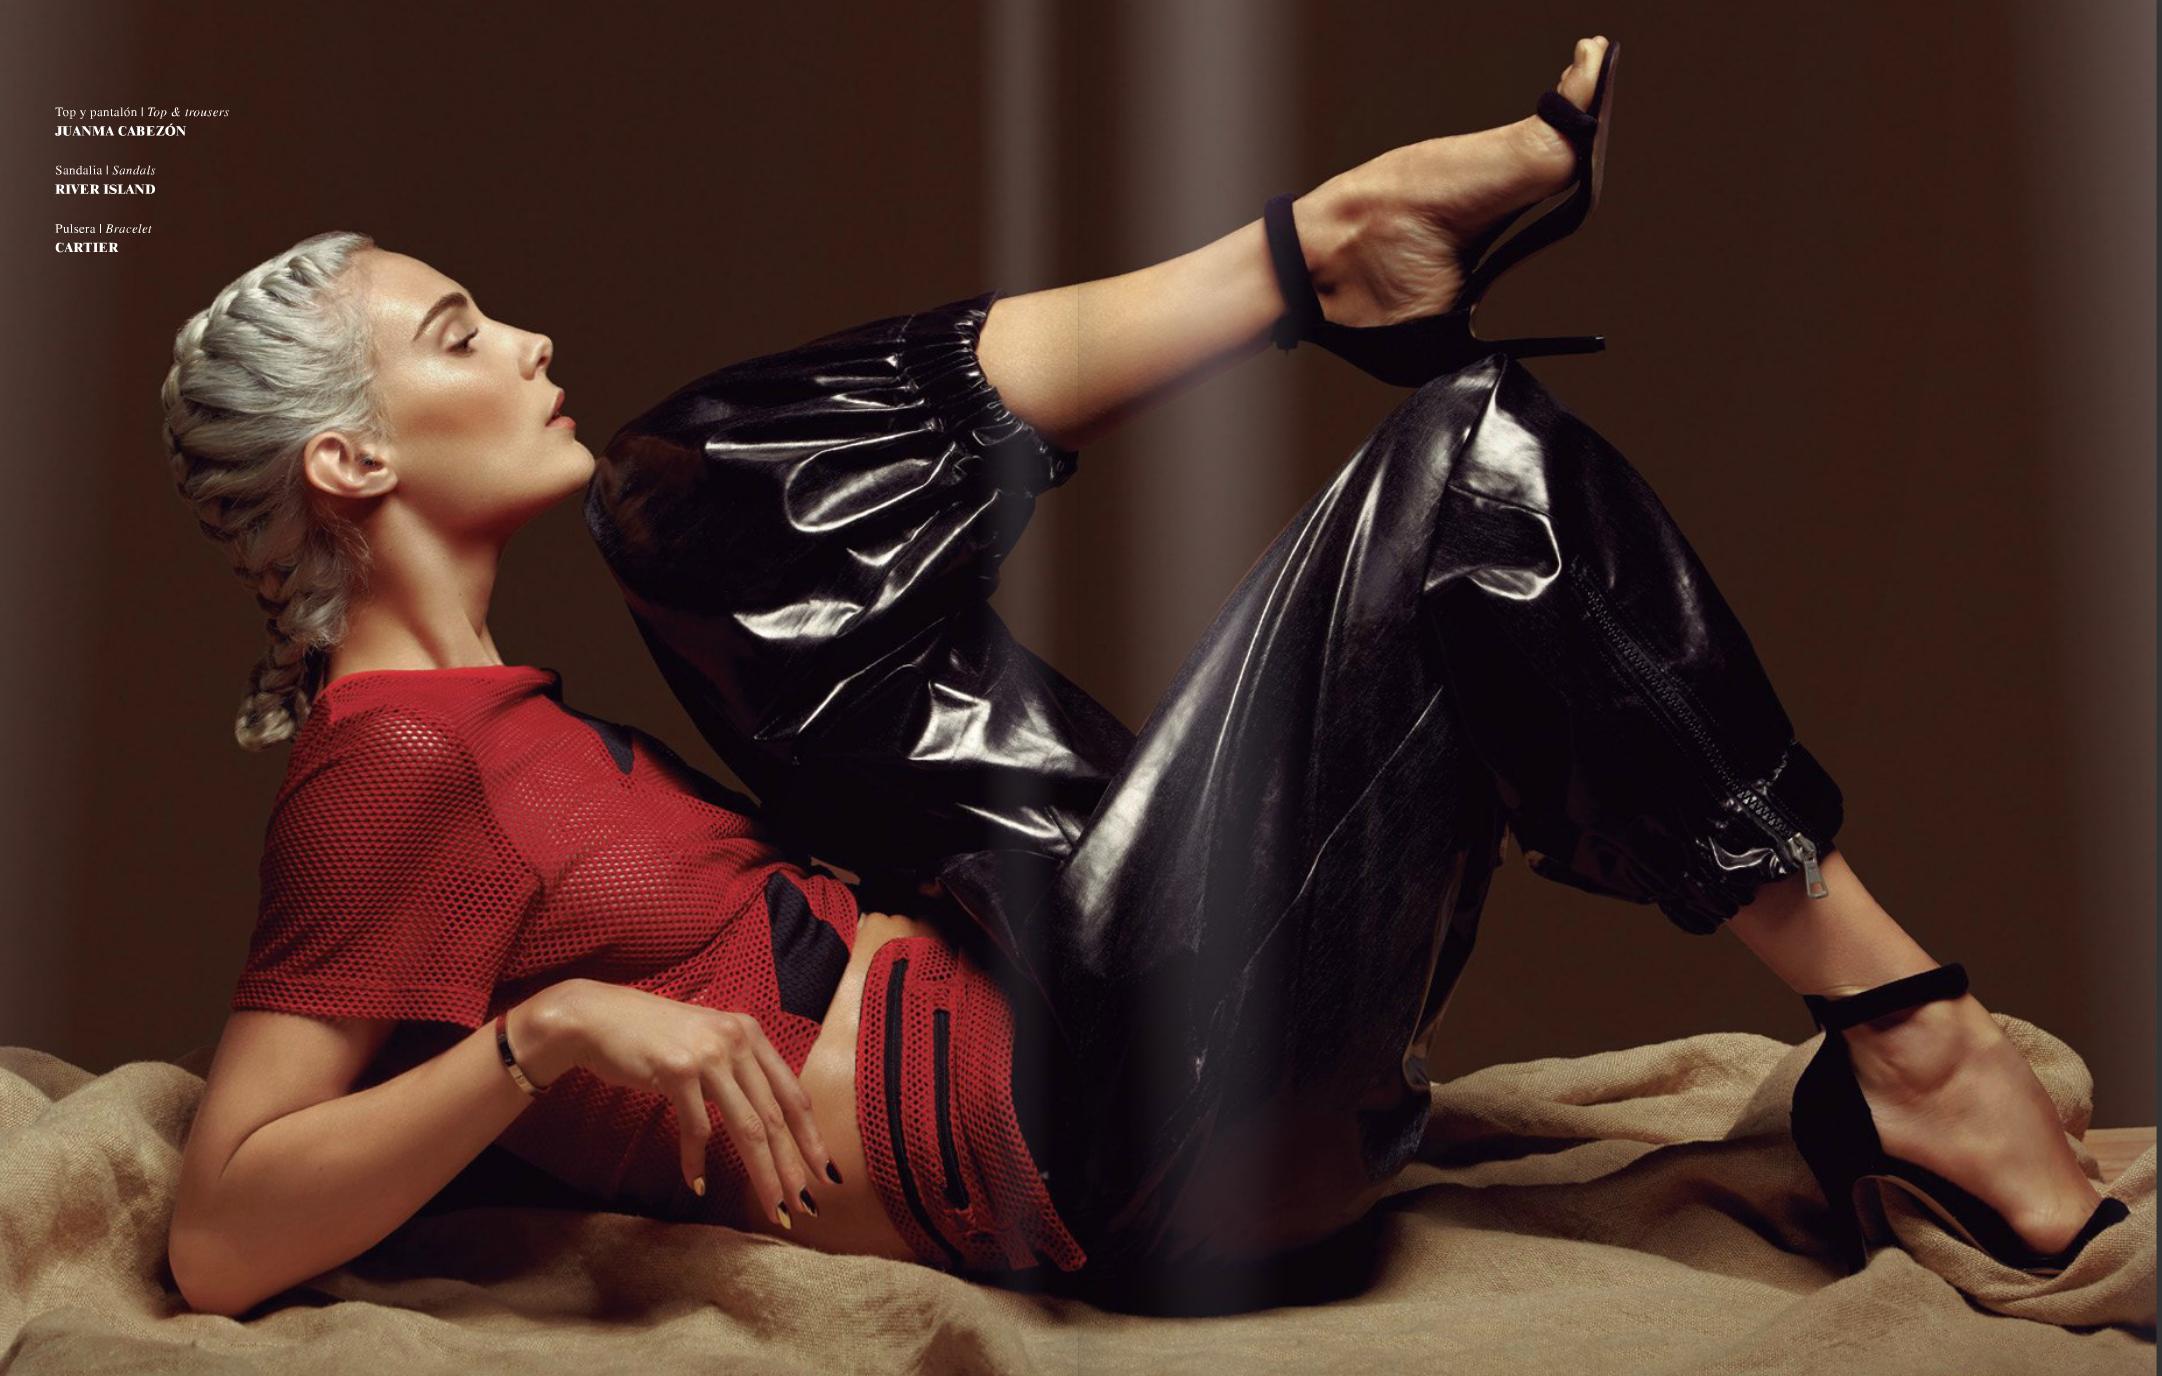 fashion-retouch-for-pacha-magazine-by-lesya-kostiv-2